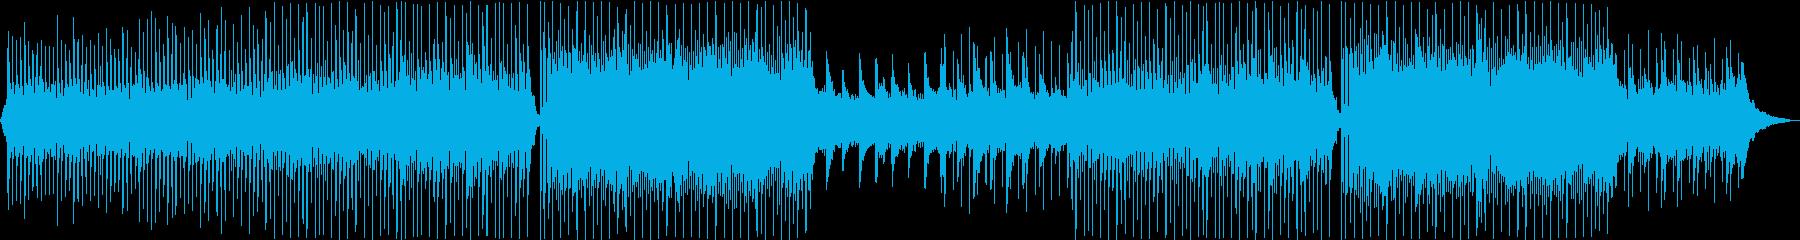 爽やかで軽快なコポレート向けBGMの再生済みの波形